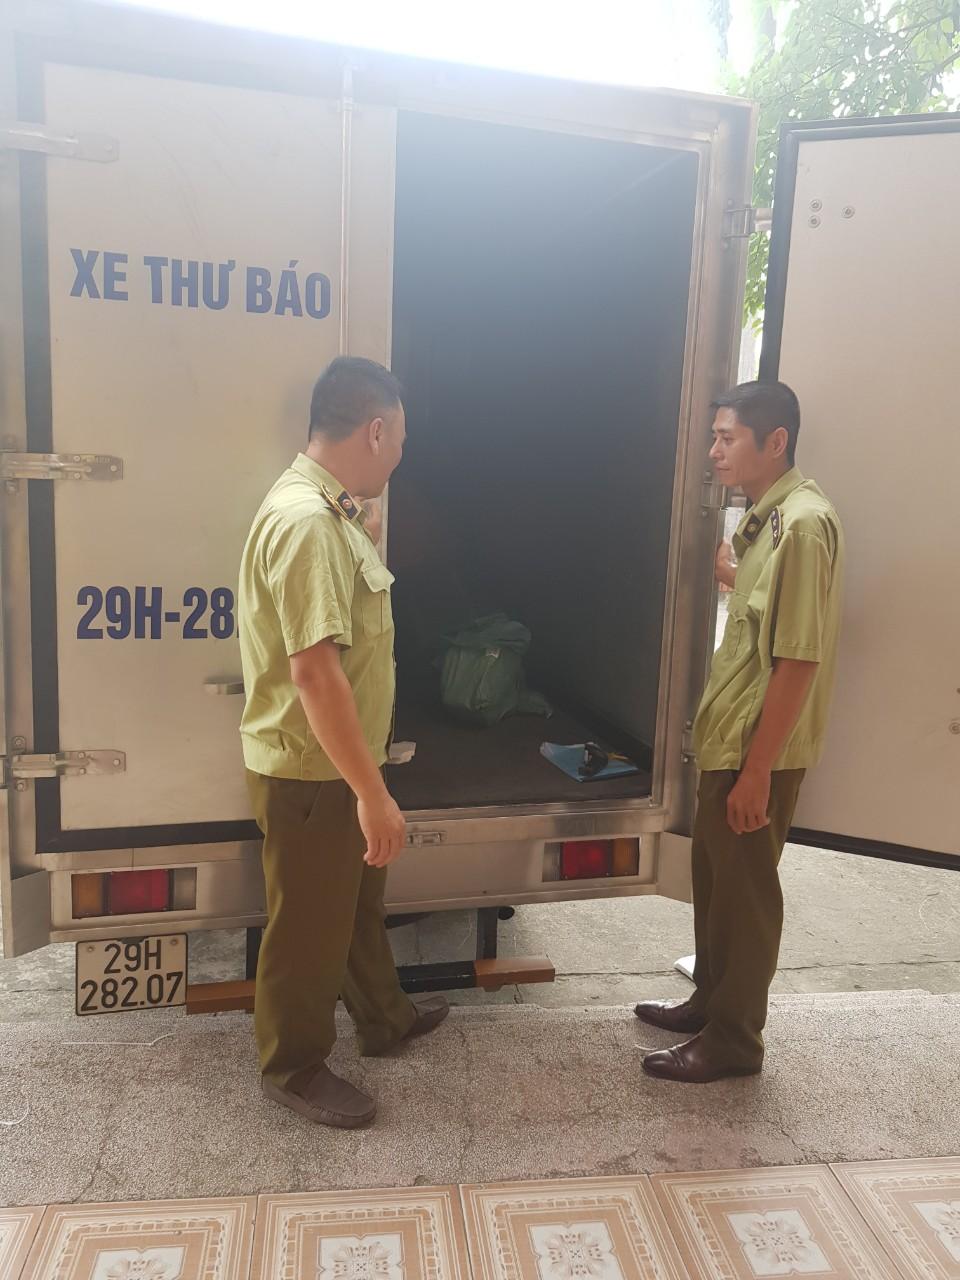 Cục QLTT Thái Bình: Thu giữ trên 500 sản phẩm mỹ phẩm, hàng điện tử đã qua sử dụng không có hóa đơn, chứng từ chứng minh nguồn gốc xuất xứ hàng hóa.